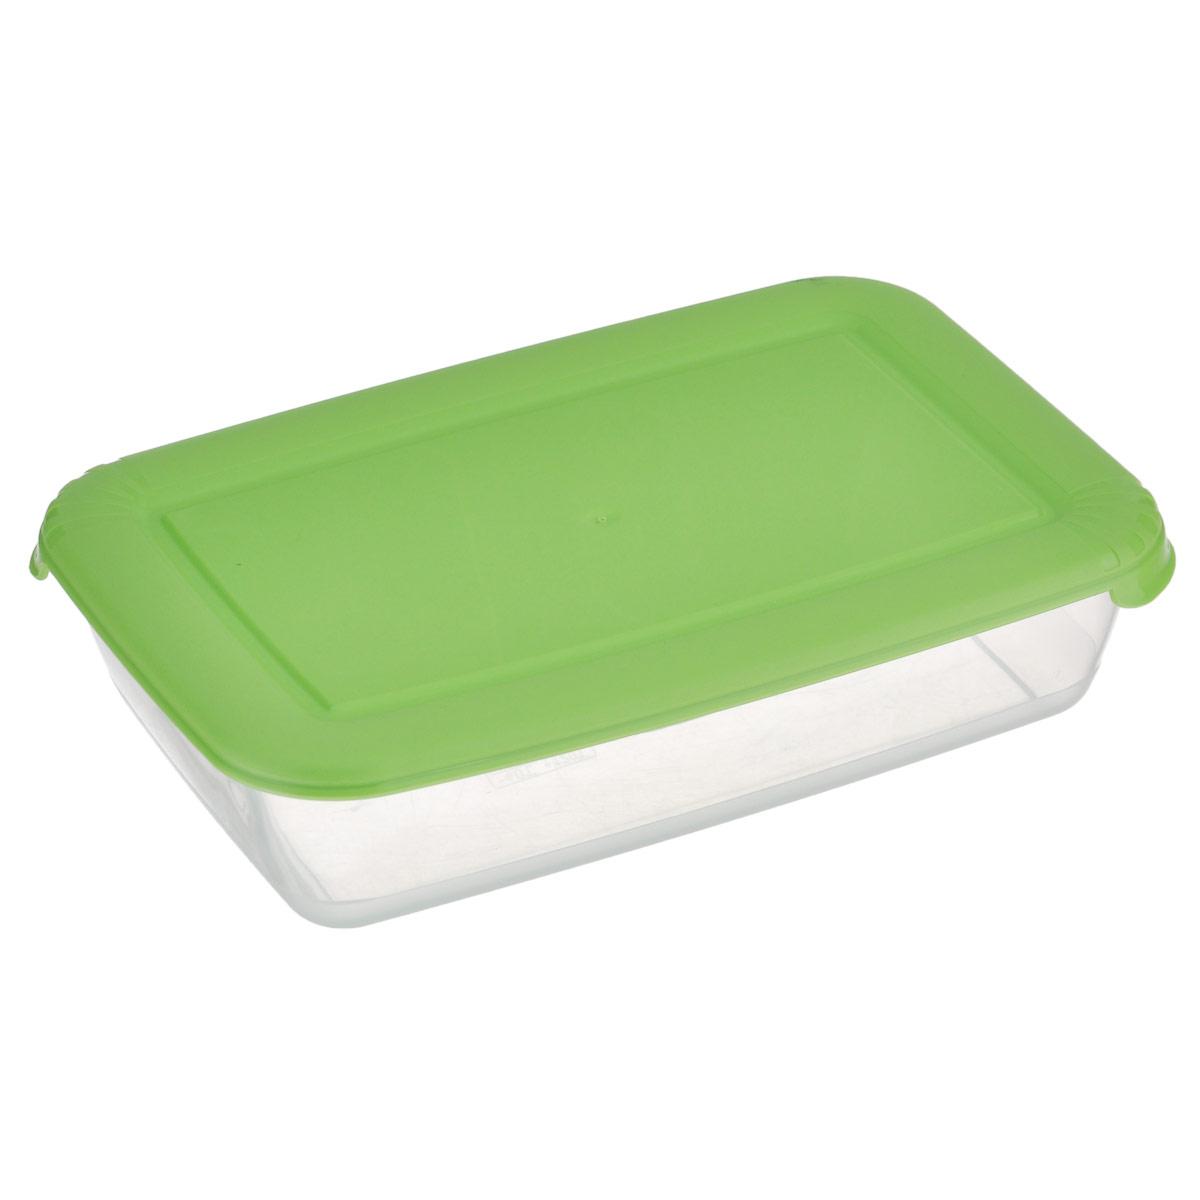 """Прямоугольный контейнер для СВЧ Полимербыт """"Лайт"""" изготовлен из высококачественного прочного пластика, устойчивого к высоким температурам (до +120°С). Цветная полупрозрачная крышка плотно закрывается, дольше сохраняя продукты свежими и вкусными. Контейнер идеально подходит для хранения пищи, его удобно брать с собой на работу, учебу, пикник или просто использовать для хранения пищи в холодильнике. Подходит для разогрева пищи в микроволновой печи и для заморозки в морозильной камере (при минимальной температуре -40°С). Можно мыть в посудомоечной машине."""